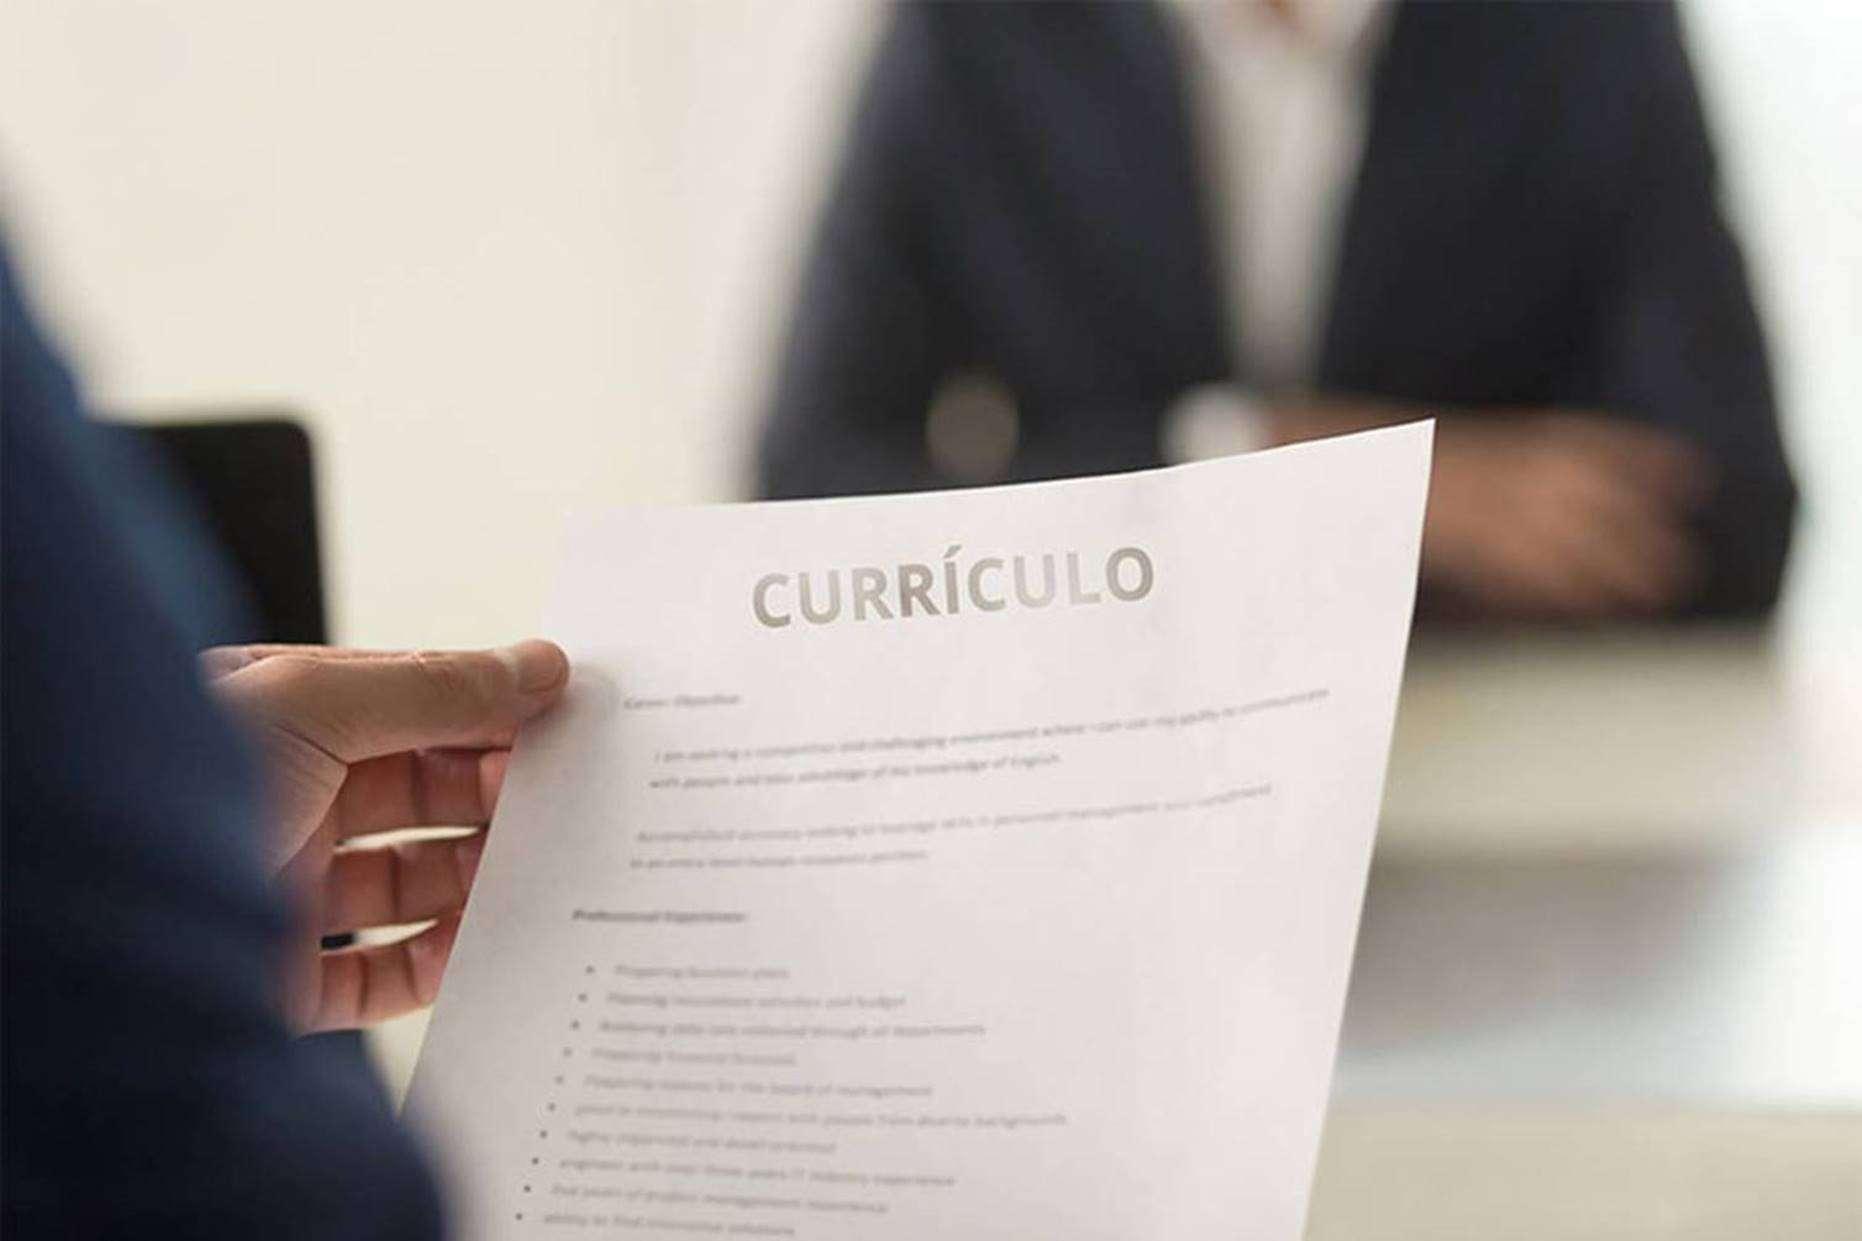 10 erros no currículo que os recrutadores não perdoam